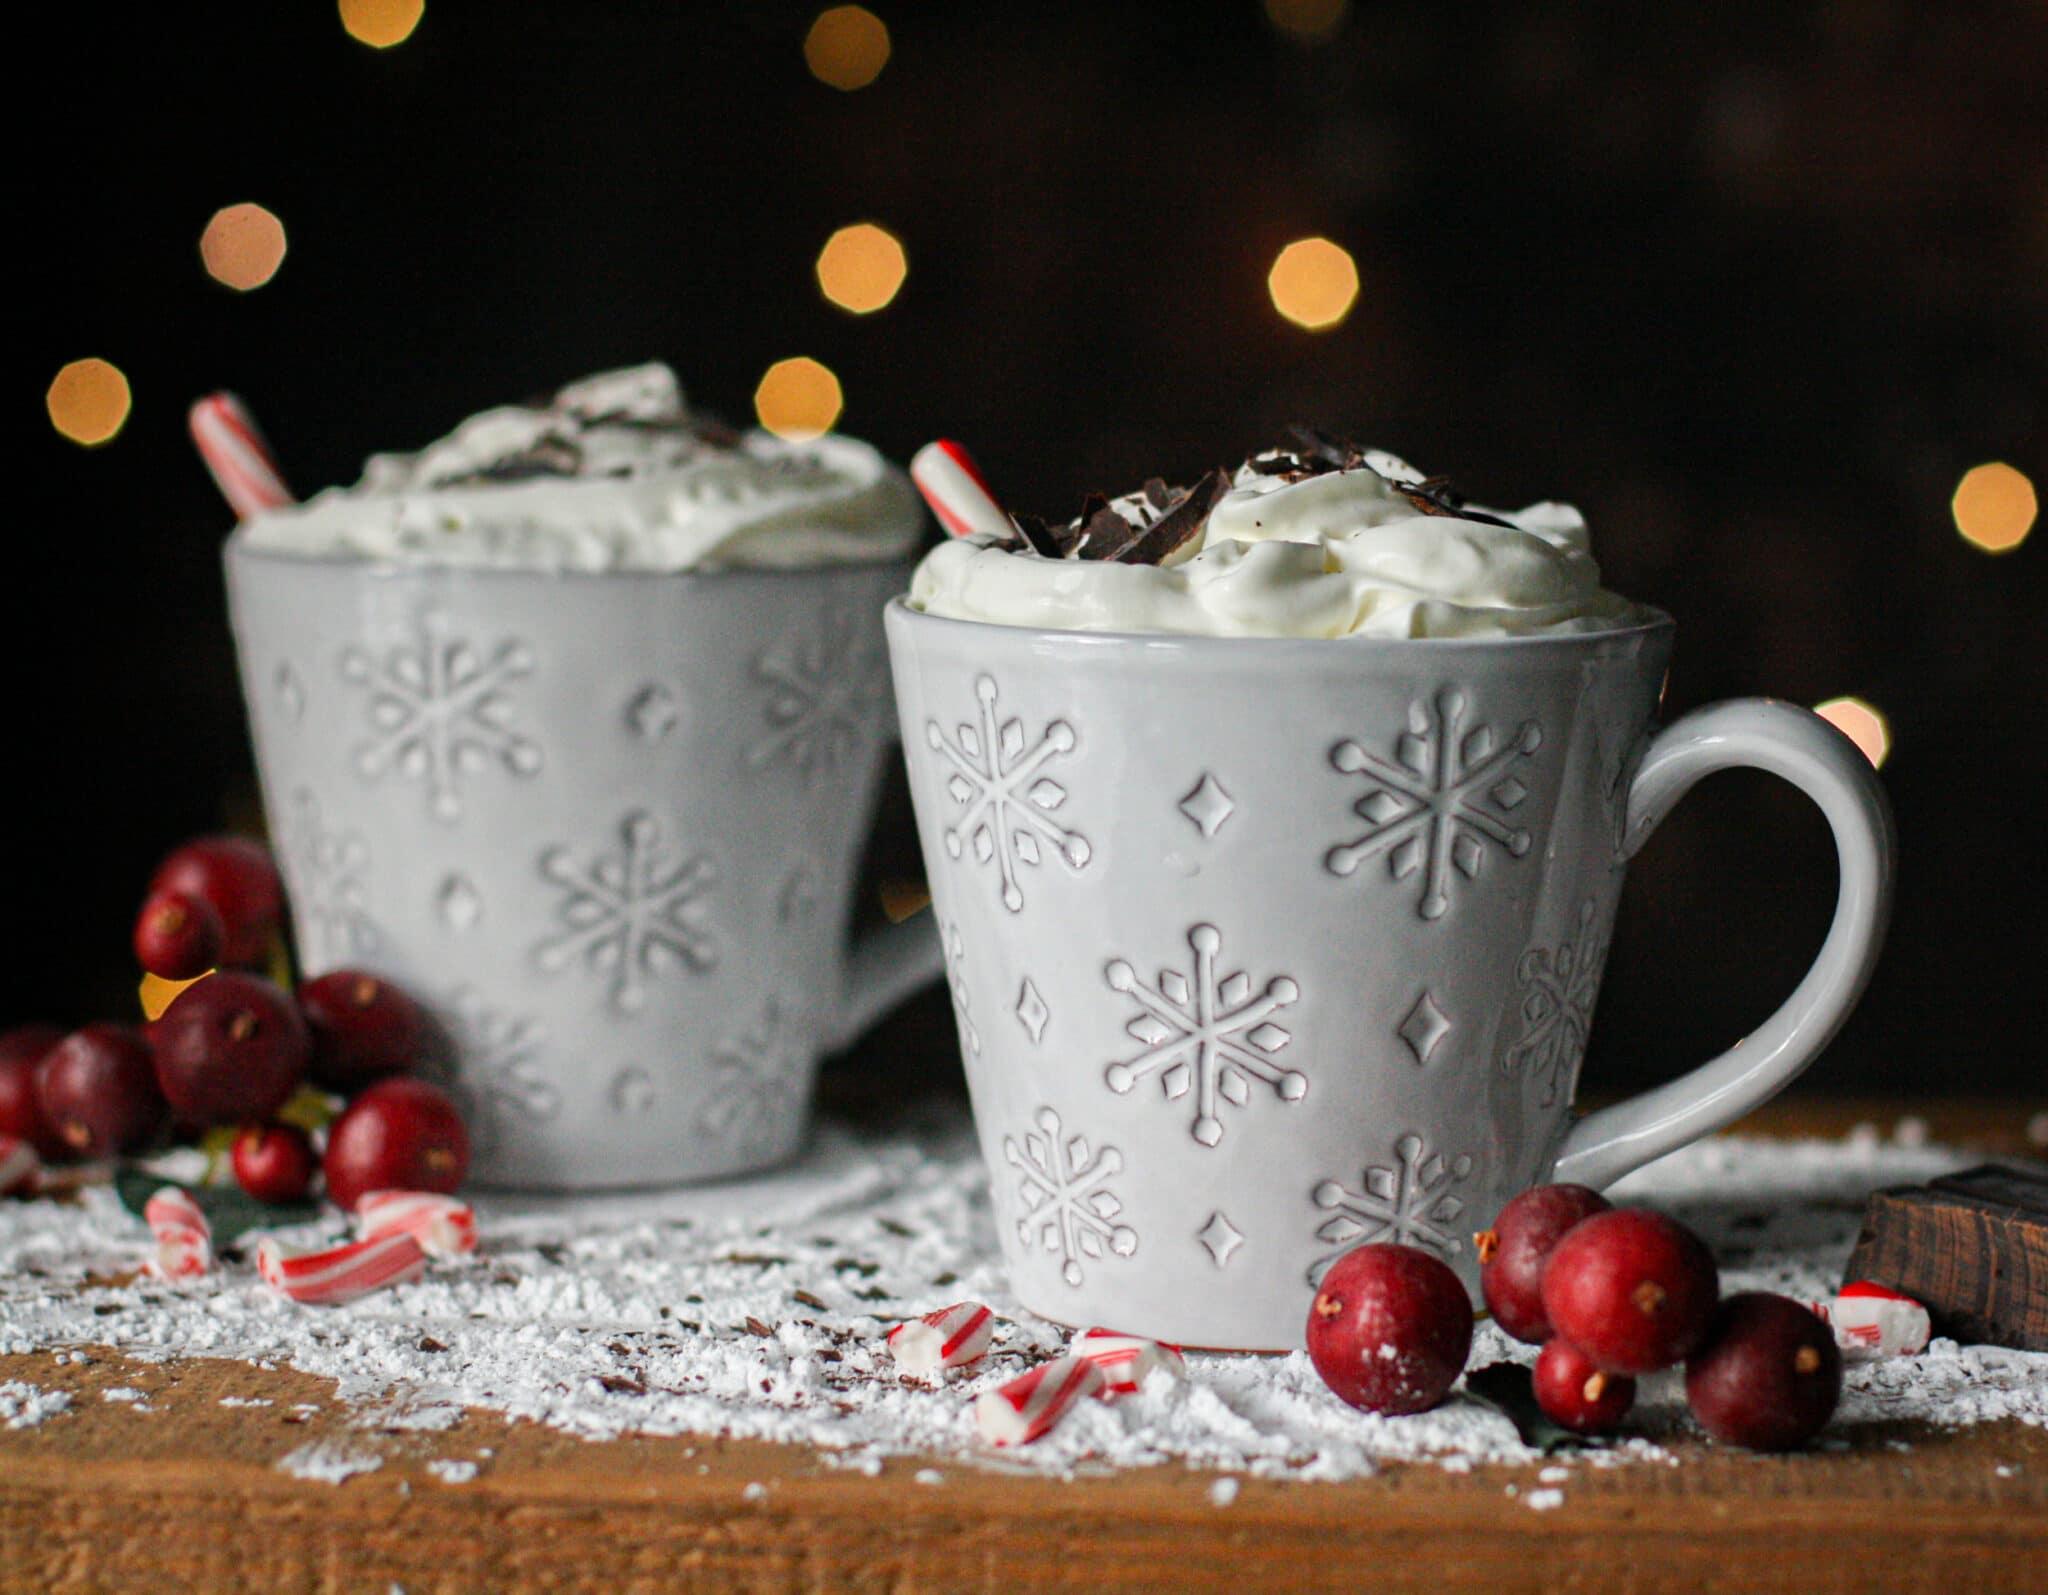 White Russian Hot Chocolate